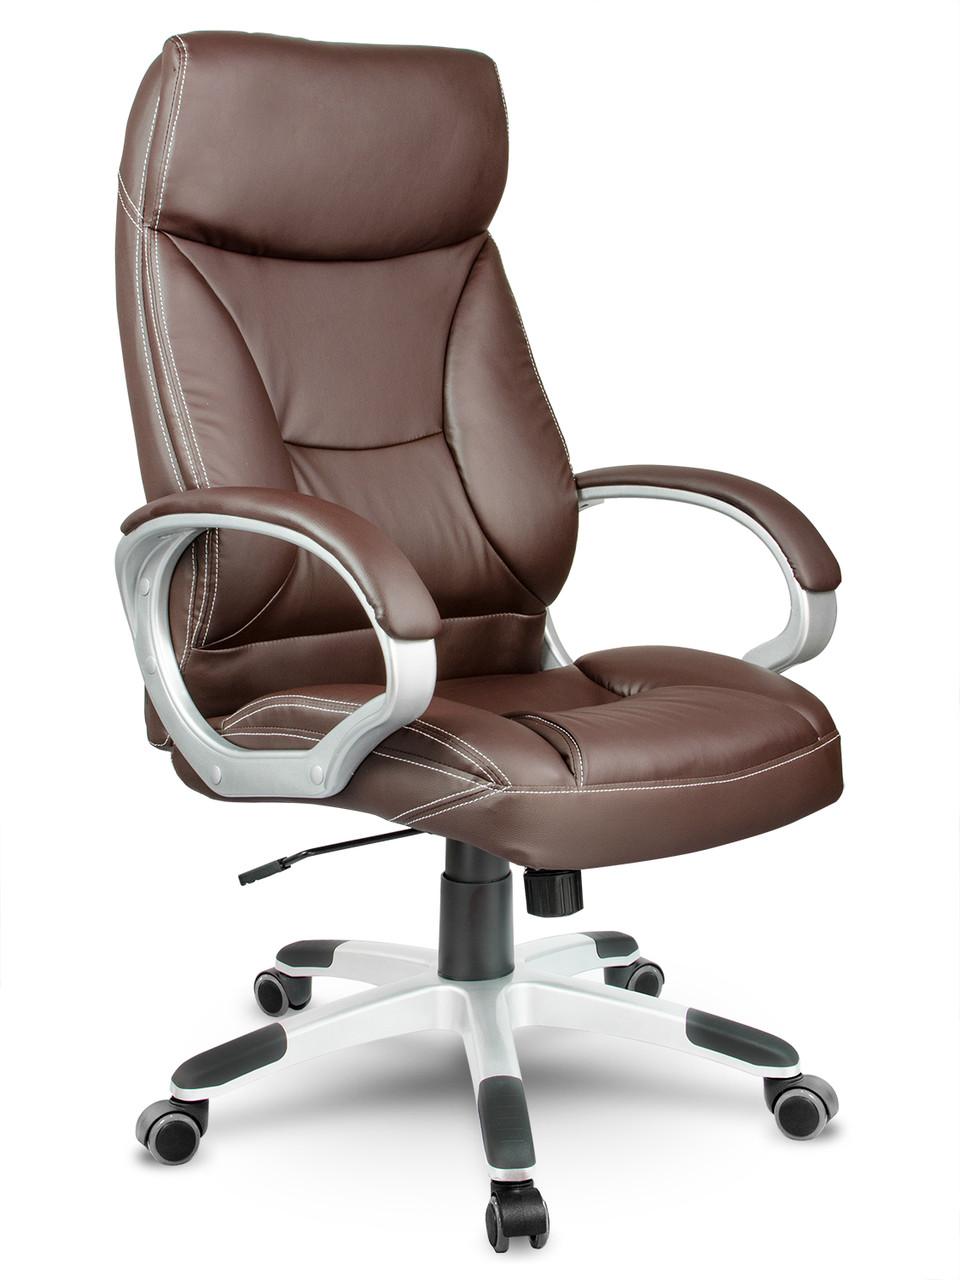 Кресло стул офисный кожаный Sofotel EG-223 коричневый